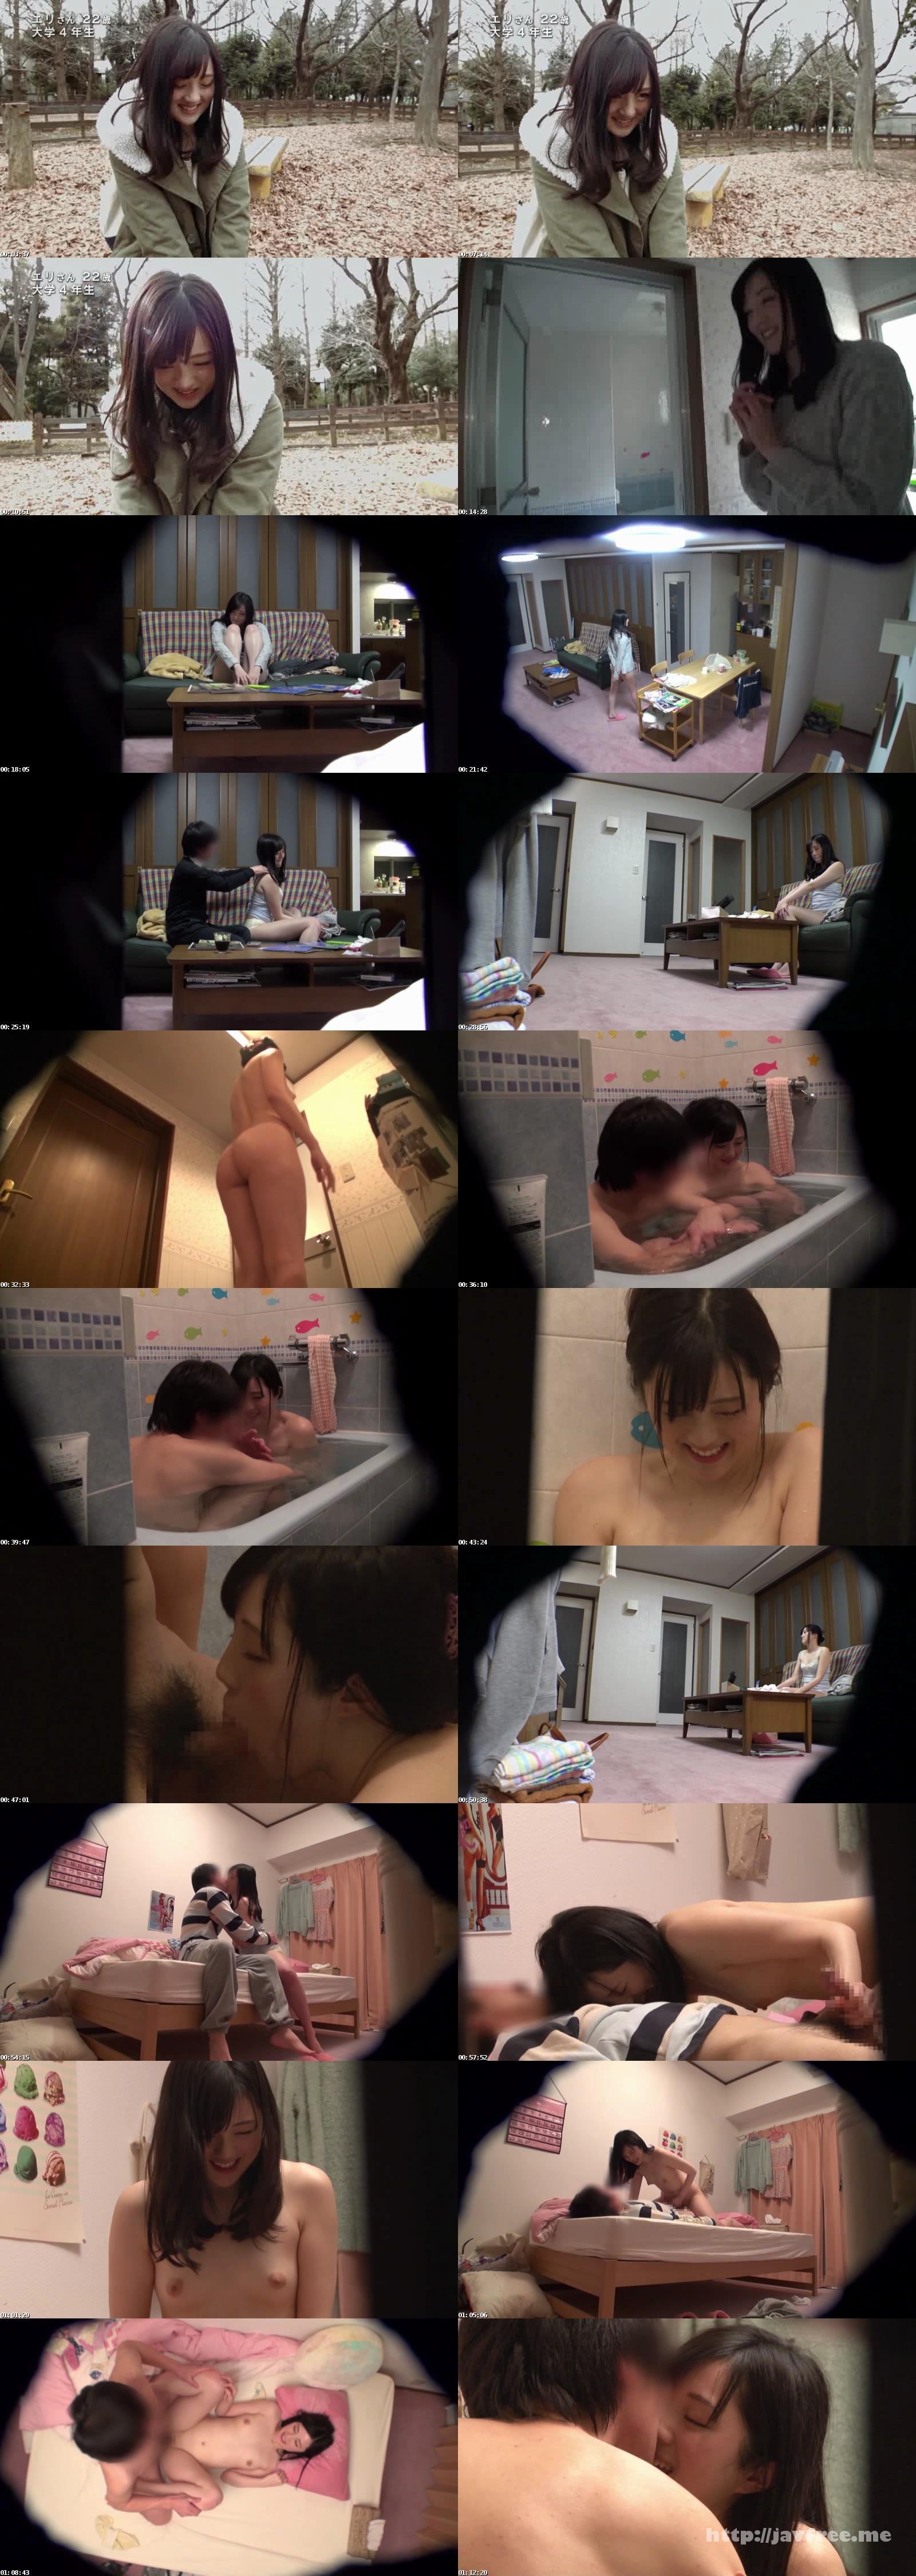 [SDMU 208] 成熟した姉の裸に触れた童貞弟はイケない事と知りつつもチ○ポを勃起させて「禁断の近親相姦」してしまうのか!? 5 真正中出しスペシャル SDMU